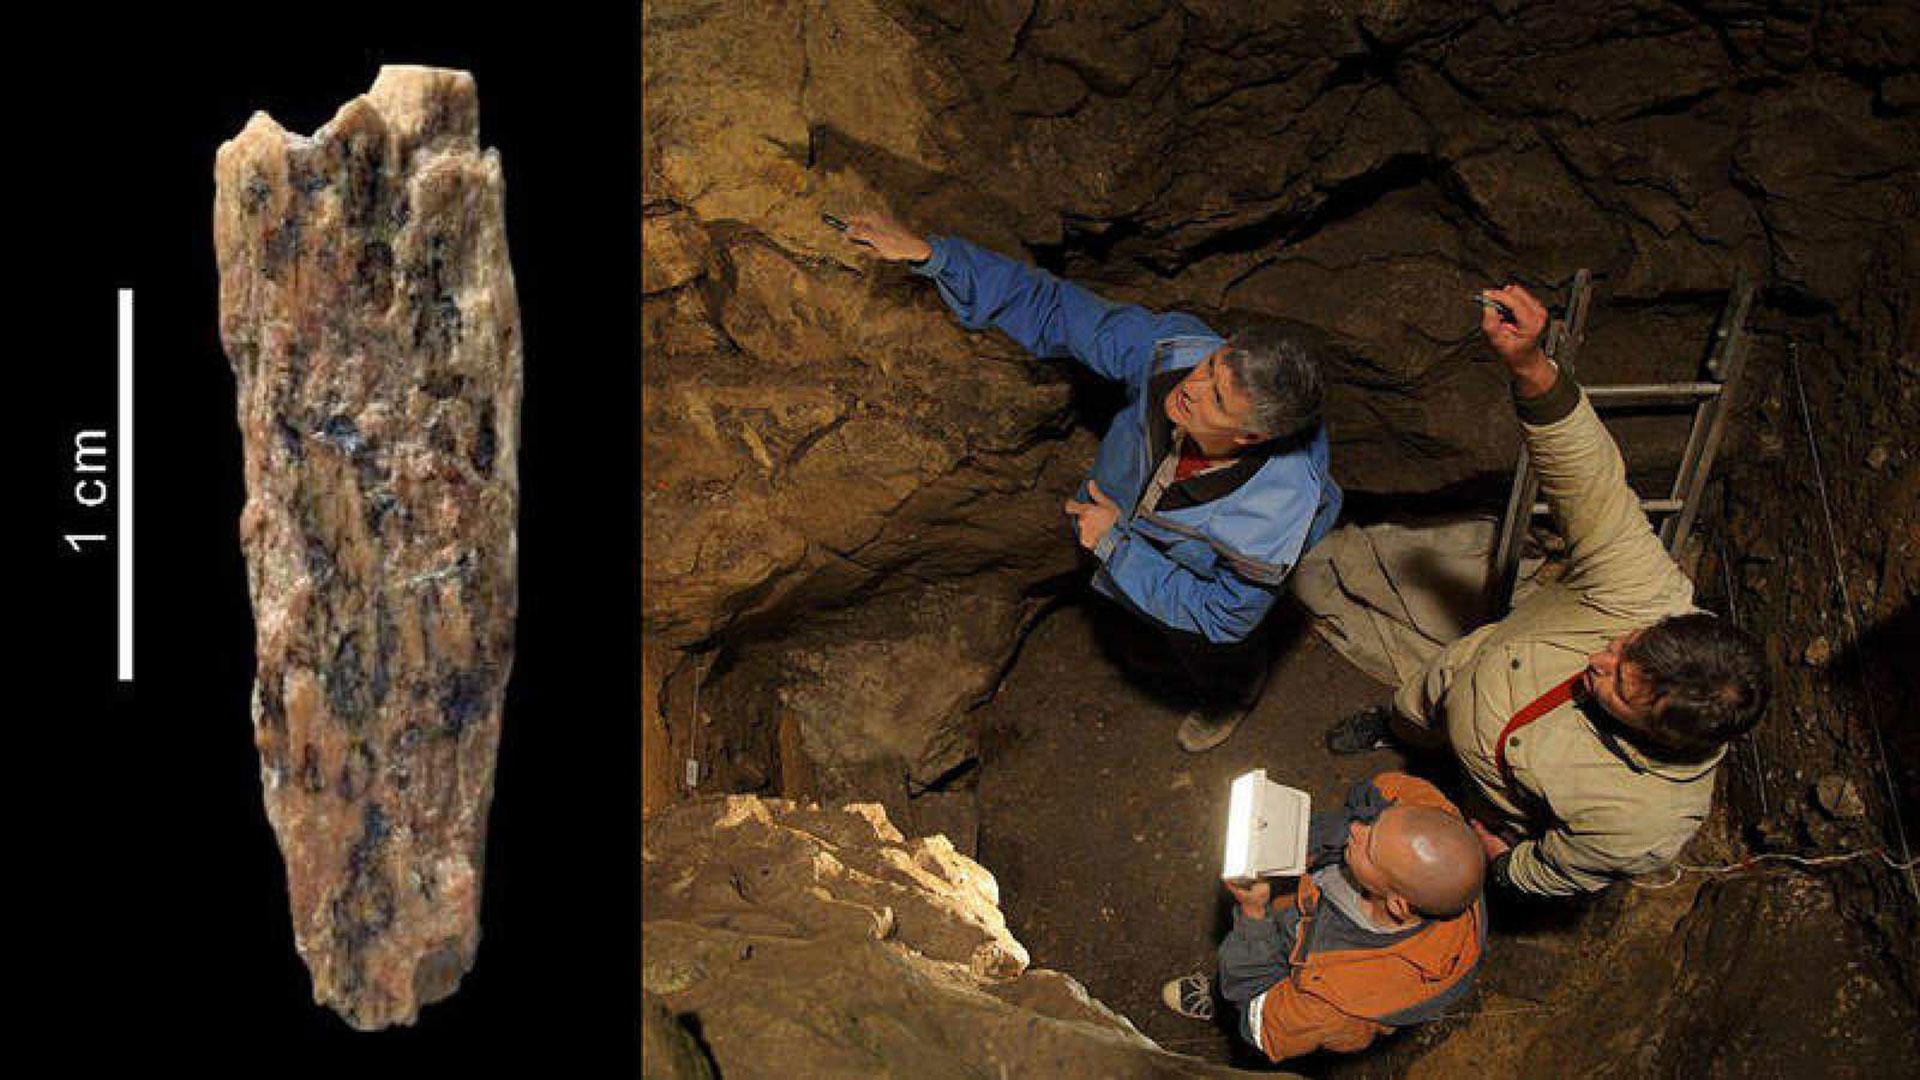 Un fragmentoreveló que hubo una descendiente de homínidos de Neanderthal y de Denísova